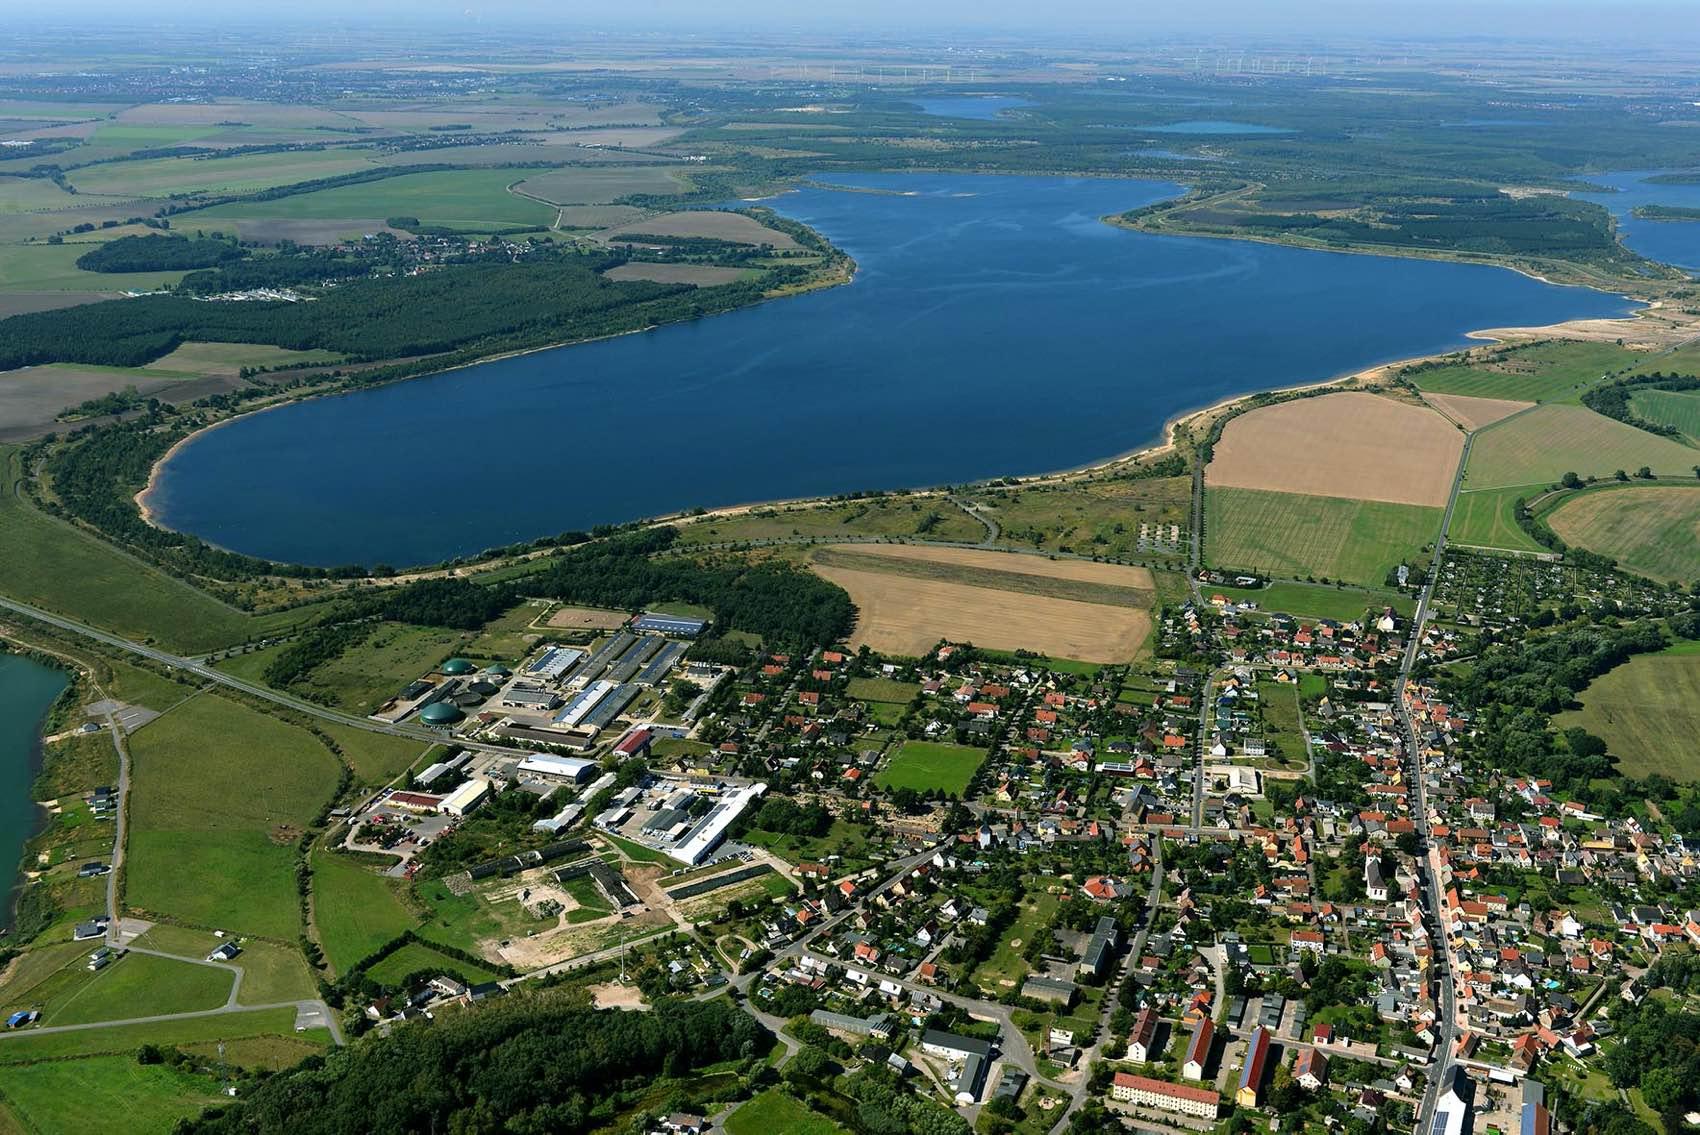 Löbnitz Seelhausener See